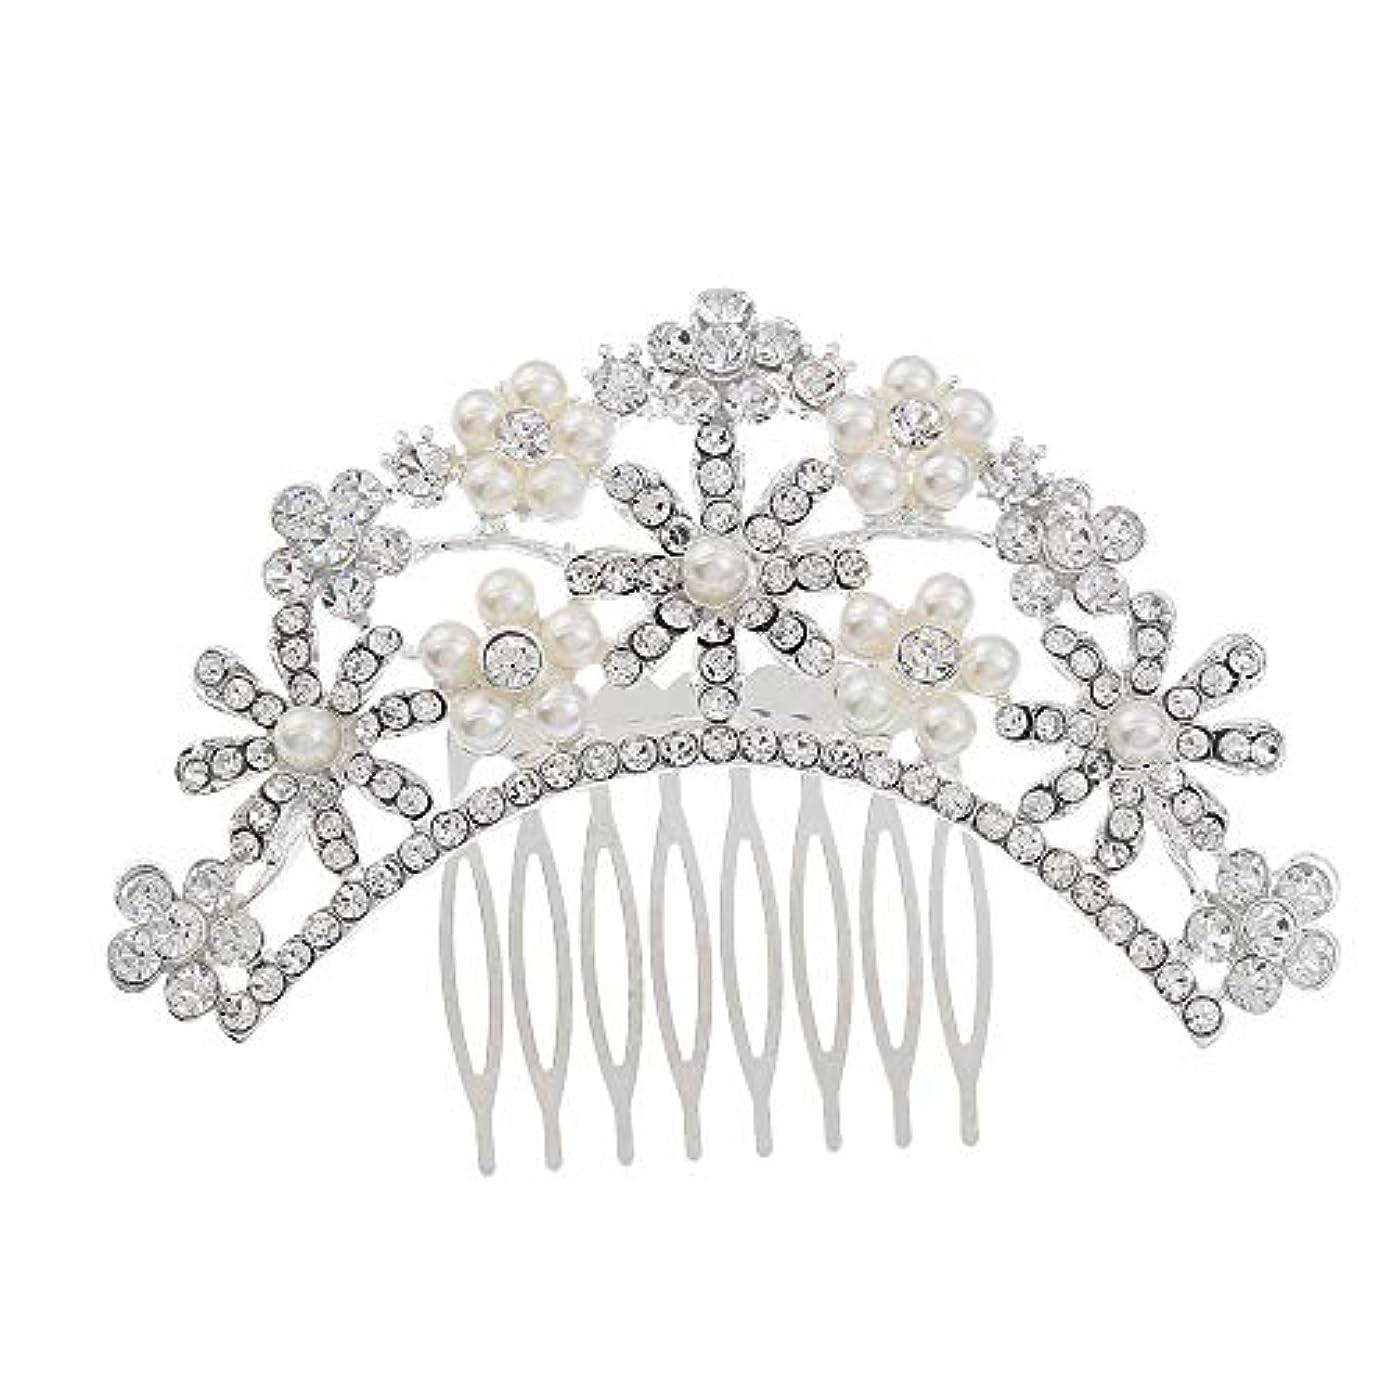 非アクティブインク設計図ヘアコームコーム櫛花嫁の髪櫛クラウンヘッドバンド結婚式の帽子真珠の髪の櫛ラインストーンインサート櫛